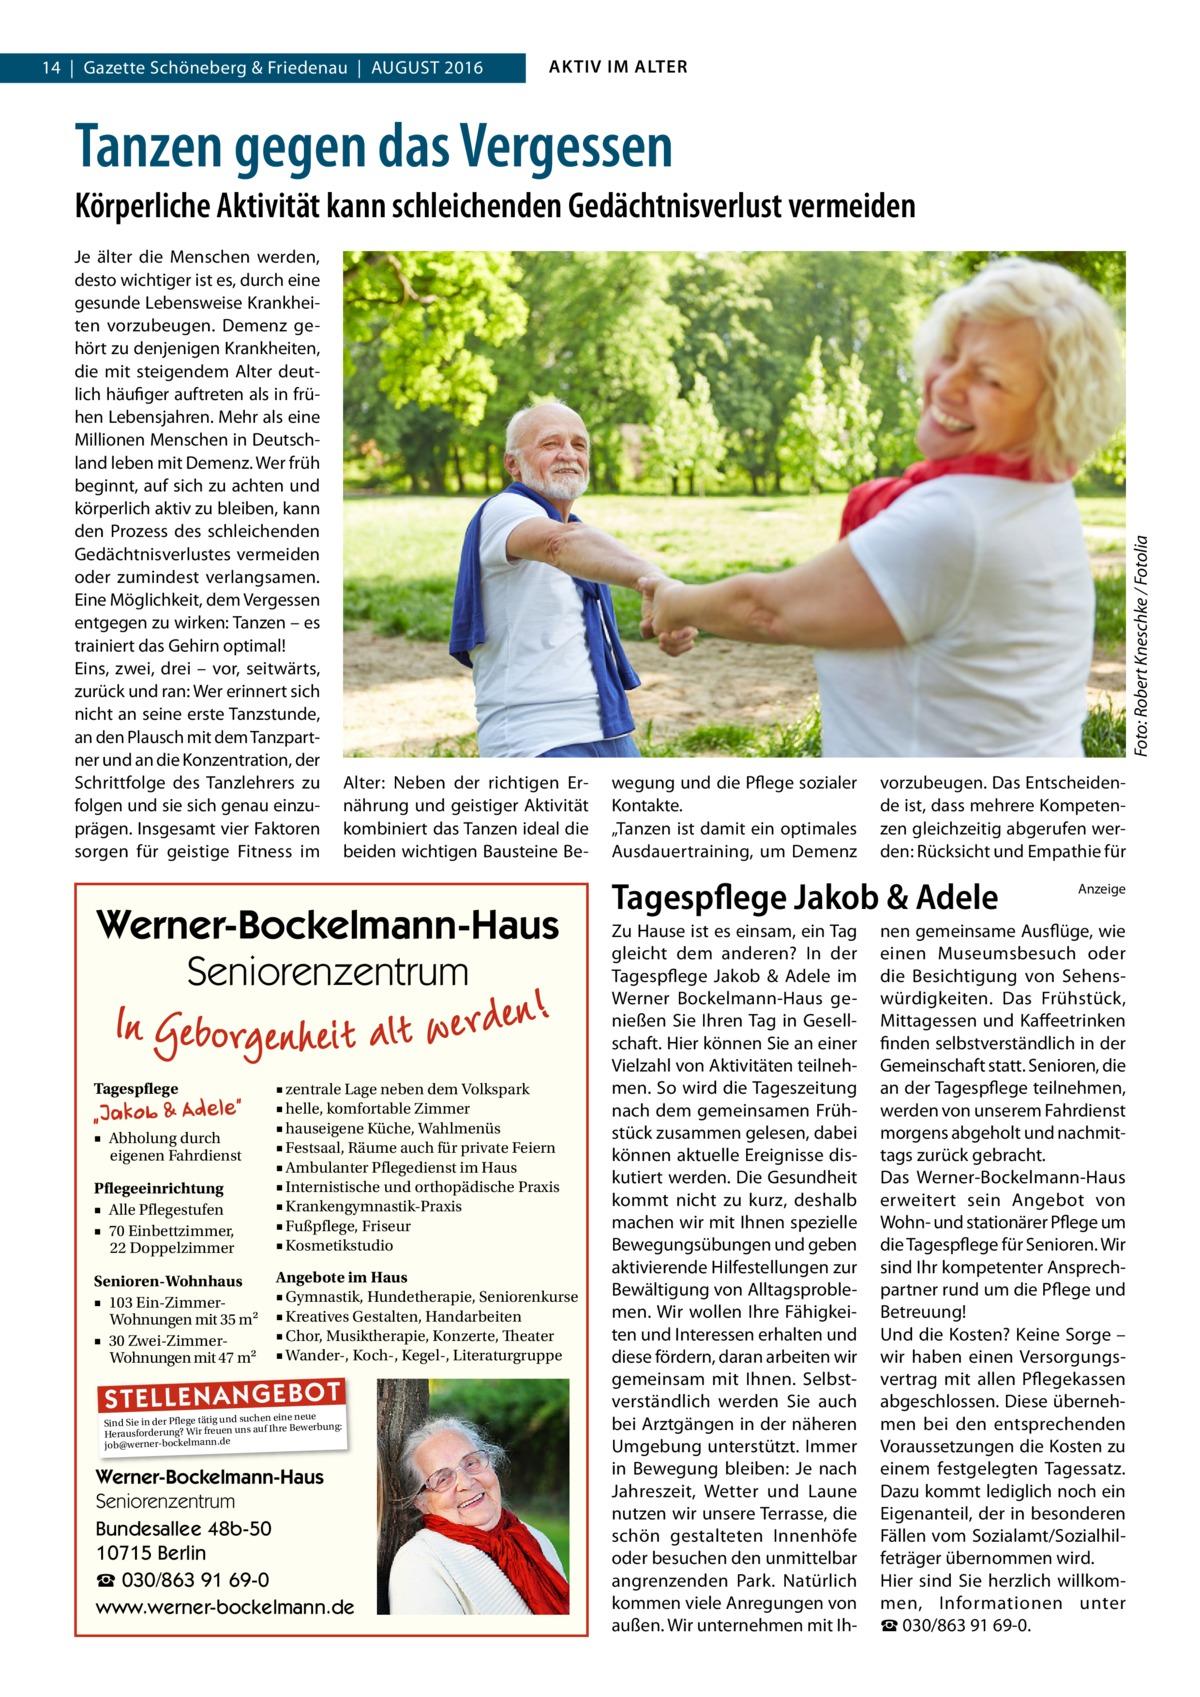 14|Gazette Schöneberg & Friedenau|August 2016  AKTIV IM ALTER  Tanzen gegen das Vergessen Je älter die Menschen werden, desto wichtiger ist es, durch eine gesunde Lebensweise Krankheiten vorzubeugen. Demenz gehört zu denjenigen Krankheiten, die mit steigendem Alter deutlich häufiger auftreten als in frühen Lebensjahren. Mehr als eine Millionen Menschen in Deutschland leben mit Demenz. Wer früh beginnt, auf sich zu achten und körperlich aktiv zu bleiben, kann den Prozess des schleichenden Gedächtnisverlustes vermeiden oder zumindest verlangsamen. Eine Möglichkeit, dem Vergessen entgegen zu wirken: Tanzen – es trainiert das Gehirn optimal! Eins, zwei, drei – vor, seitwärts, zurück und ran: Wer erinnert sich nicht an seine erste Tanzstunde, an den Plausch mit dem Tanzpartner und an die Konzentration, der Schrittfolge des Tanzlehrers zu folgen und sie sich genau einzuprägen. Insgesamt vier Faktoren sorgen für geistige Fitness im  Foto: Robert Kneschke / Fotolia  Körperliche Aktivität kann schleichenden Gedächtnisverlust vermeiden  Alter: Neben der richtigen Ernährung und geistiger Aktivität kombiniert das Tanzen ideal die beiden wichtigen Bausteine Be Werner-Bockelmann-Haus Seniorenzentrum Tagespflege  Pflegeeinrichtung ■ Alle Pflegestufen ■ 70 Einbettzimmer, 22 Doppelzimmer  ■ zentrale Lage neben dem Volkspark ■ helle, komfortable Zimmer ■ hauseigene Küche, Wahlmenüs ■ Festsaal, Räume auch für private Feiern ■ Ambulanter Pflegedienst im Haus ■ Internistische und orthopädische Praxis ■ Krankengymnastik-Praxis ■ Fußpflege, Friseur ■ Kosmetikstudio  Senioren-Wohnhaus ■ 103 Ein-ZimmerWohnungen mit 35 m2 ■ 30 Zwei-ZimmerWohnungen mit 47 m2  Angebote im Haus ■ Gymnastik, Hundetherapie, Seniorenkurse ■ Kreatives Gestalten, Handarbeiten ■ Chor, Musiktherapie, Konzerte, Theater ■ Wander-, Koch-, Kegel-, Literaturgruppe  ■ Abholung durch eigenen Fahrdienst  ST EL LE NA NG EB OT  eine neue Sind Sie in der Pflege tätig und suchenIhre Bewerbung: auf Herausforderung? Wir freuen uns 